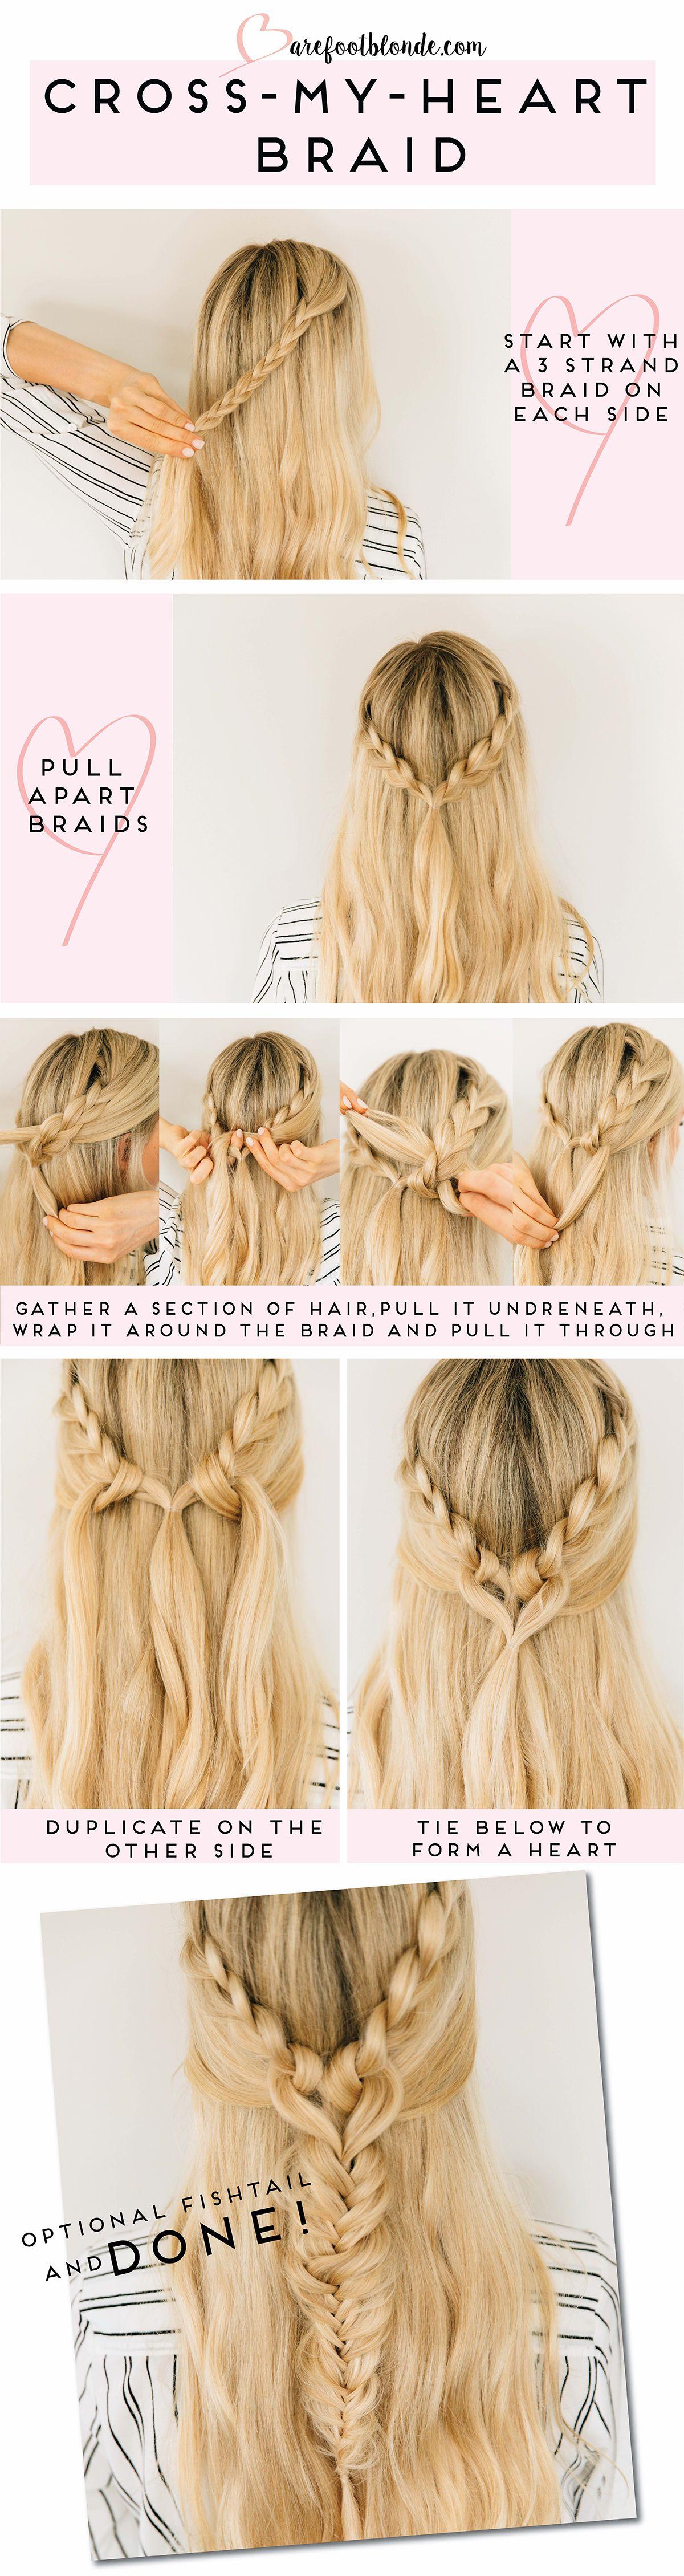 Amber fillerupus cross my heart braid tutorial hair pinterest